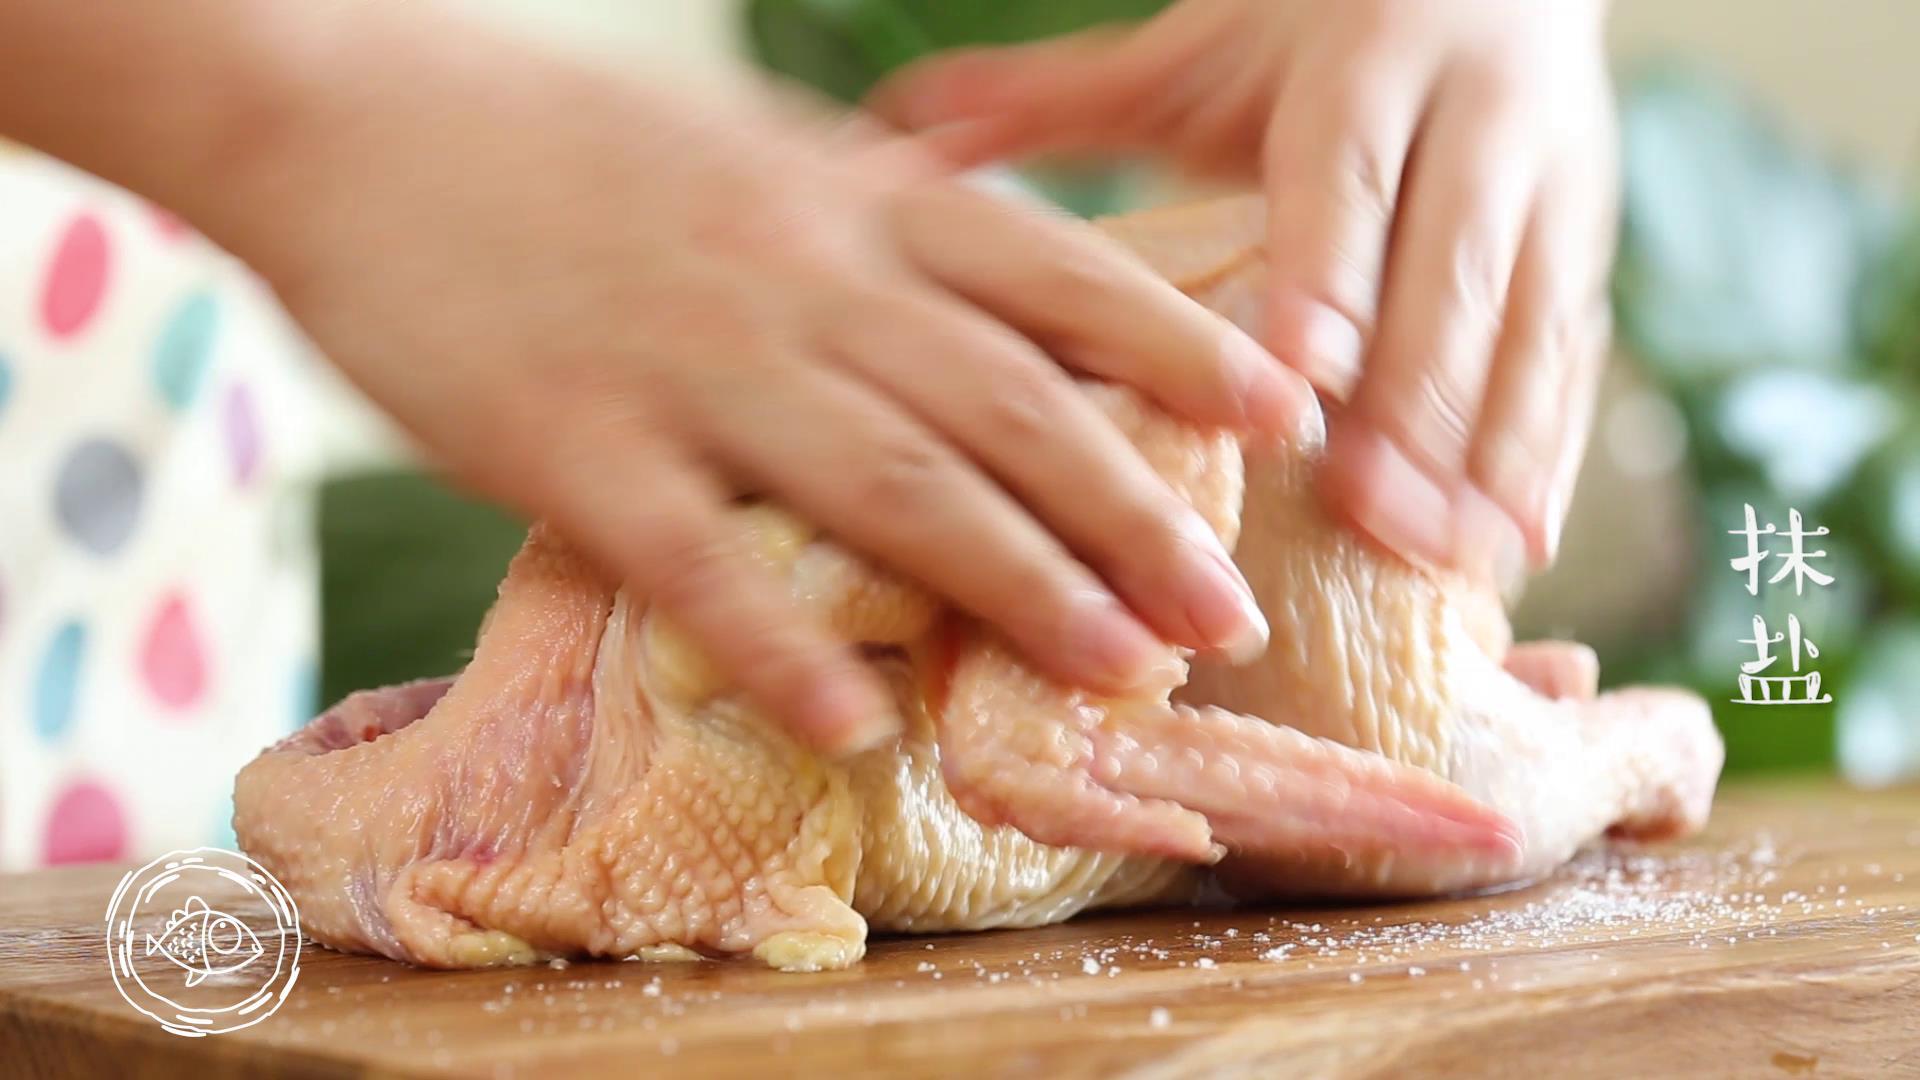 电饭煲烧鸡12m+,整鸡冲洗干净,开始抹盐、里外都抹均匀~</p> <p>